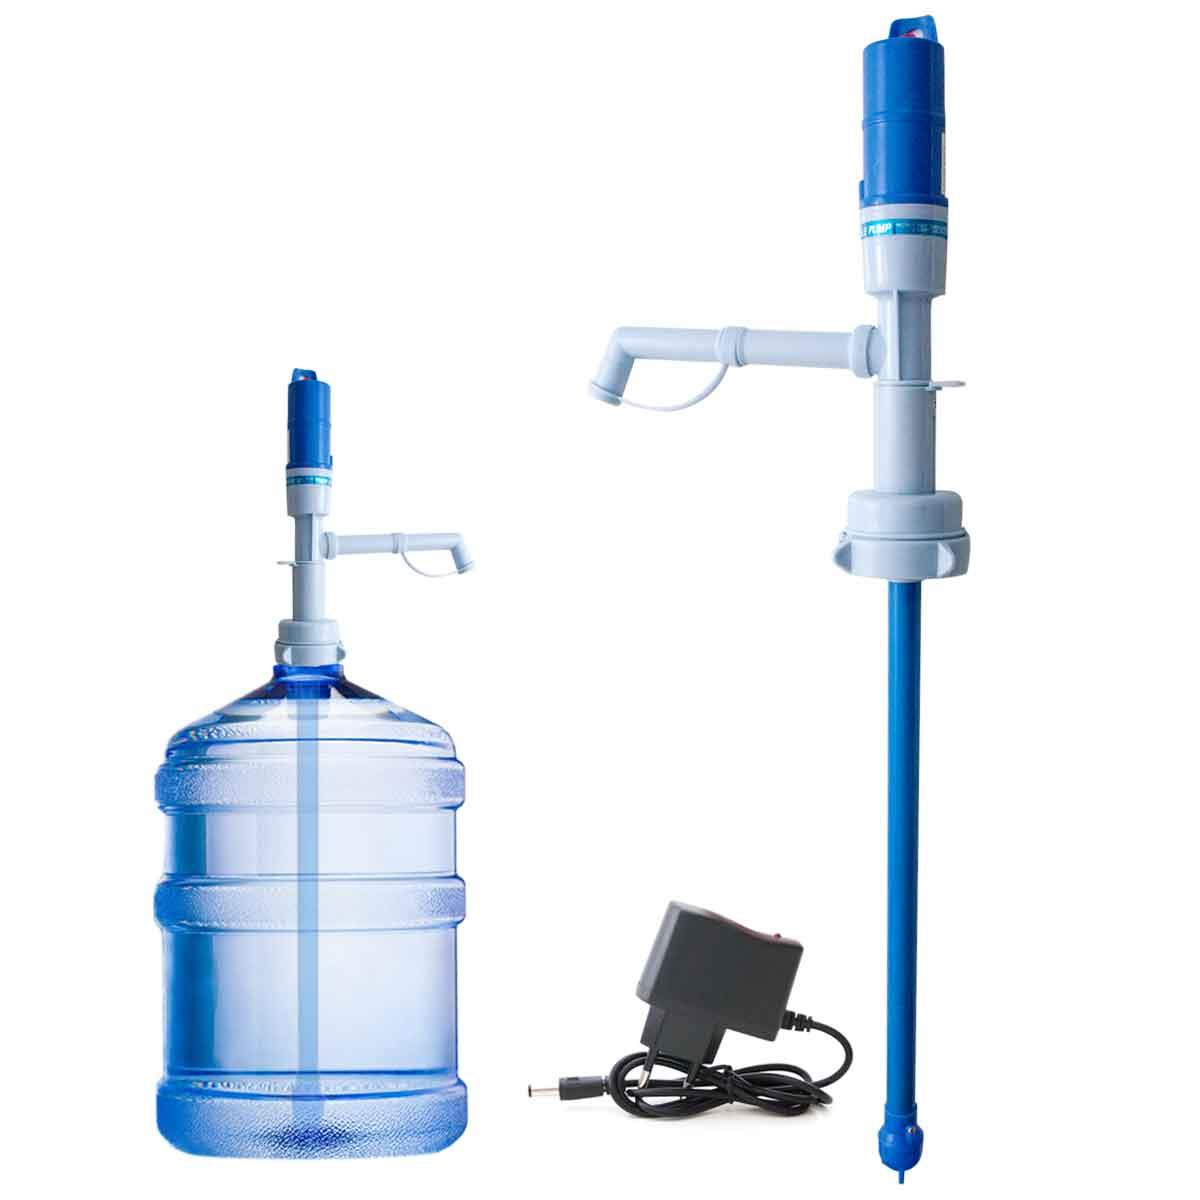 Bomba Elétrica Recarregável P/ Garrafão Água Galão 20 Litros